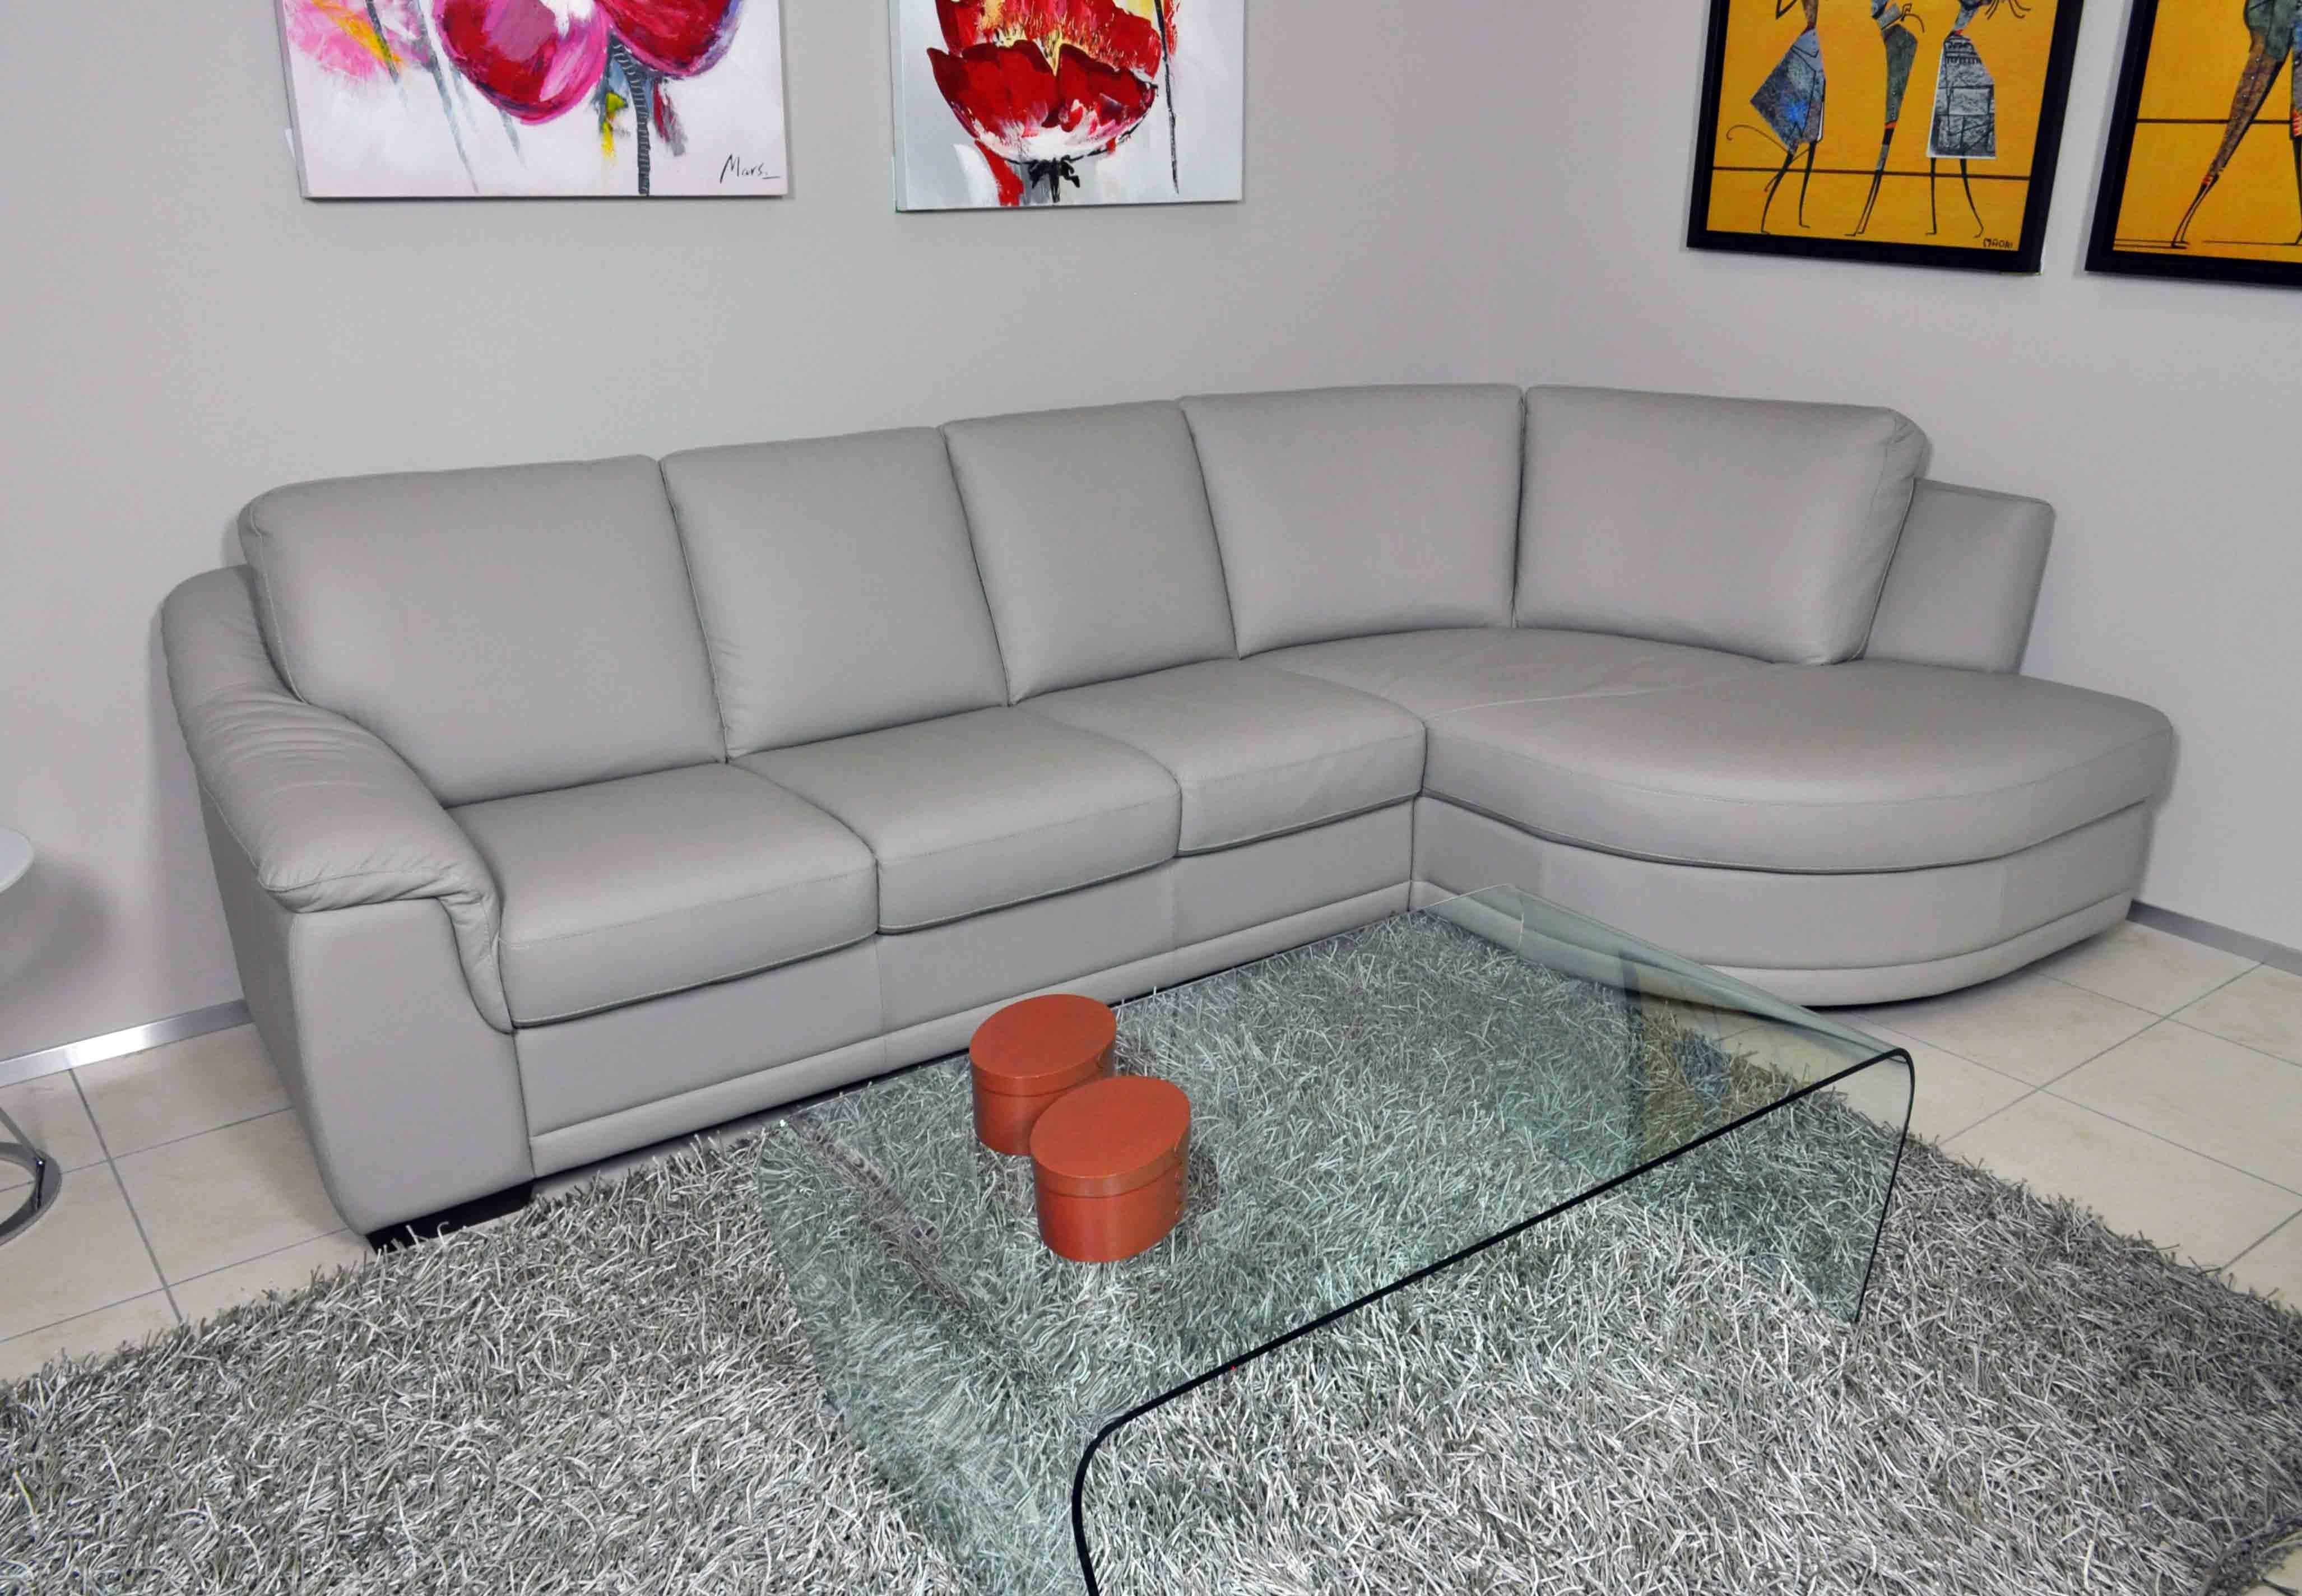 Divano egoitaliano simona pelle divani a prezzi scontati for Divani e divani pelle